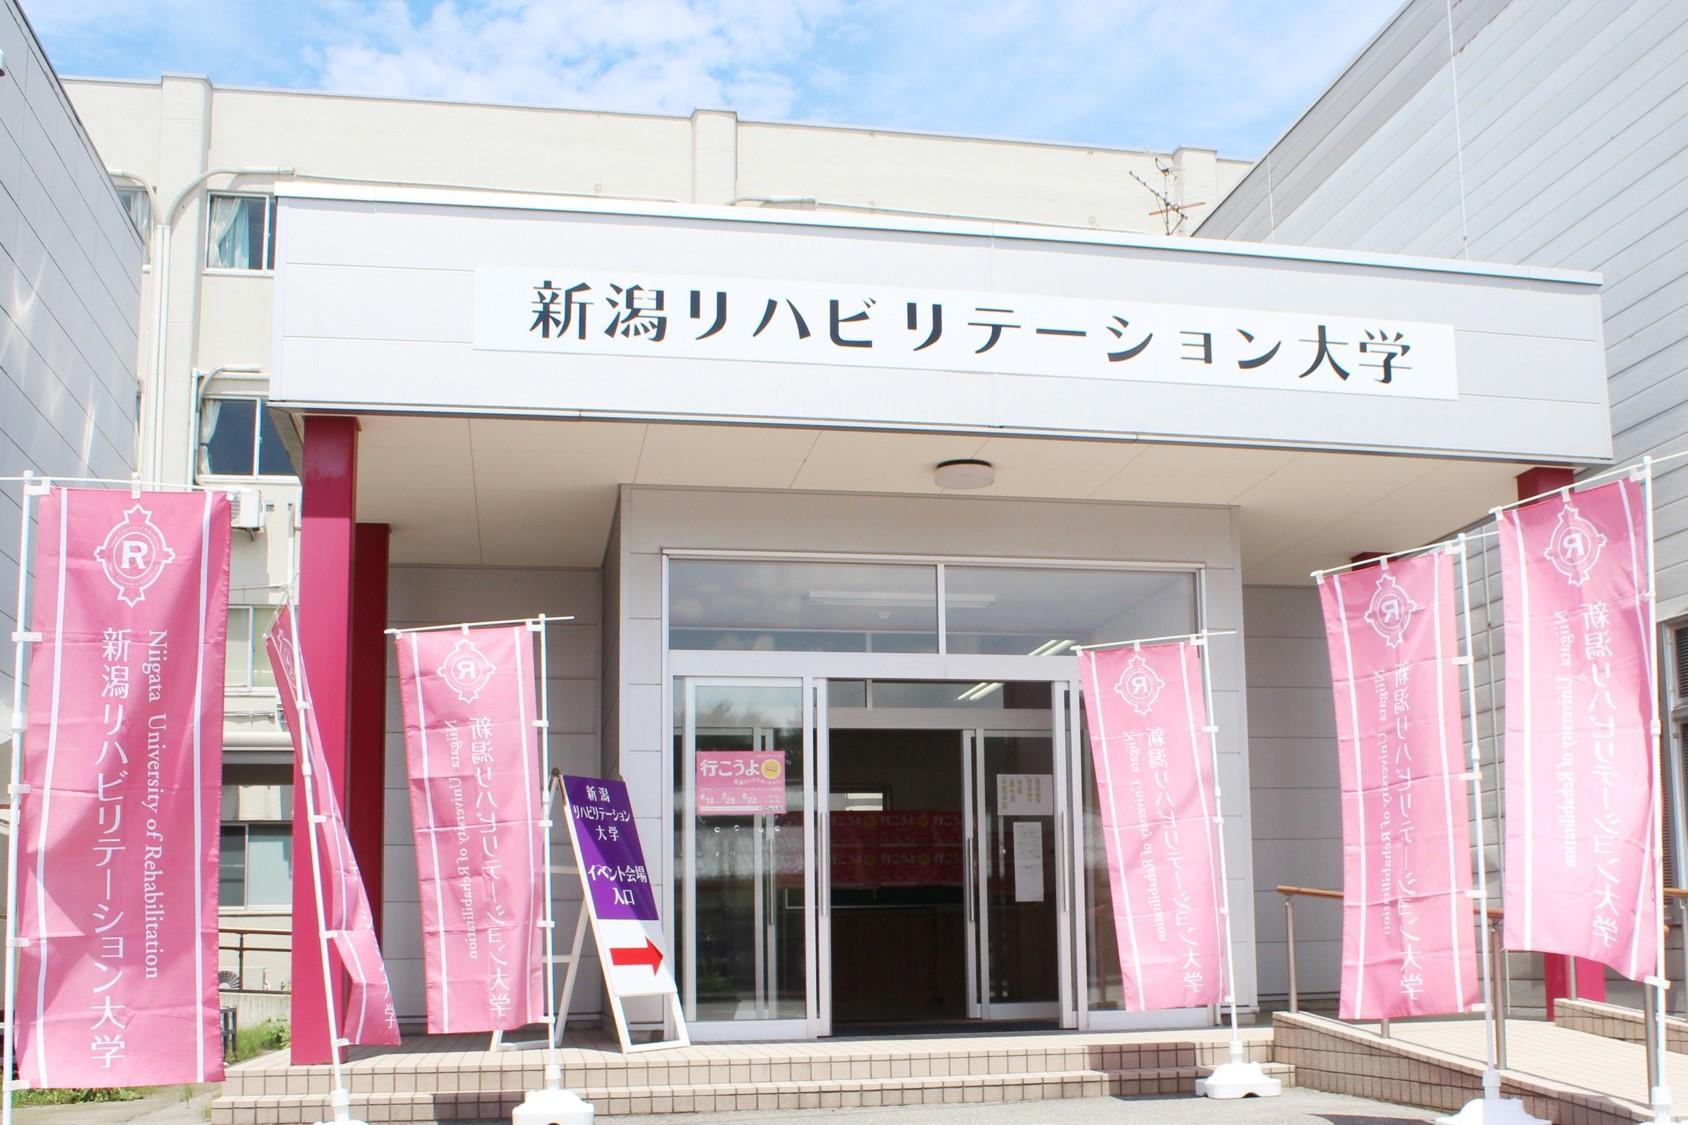 photoc1.JPG